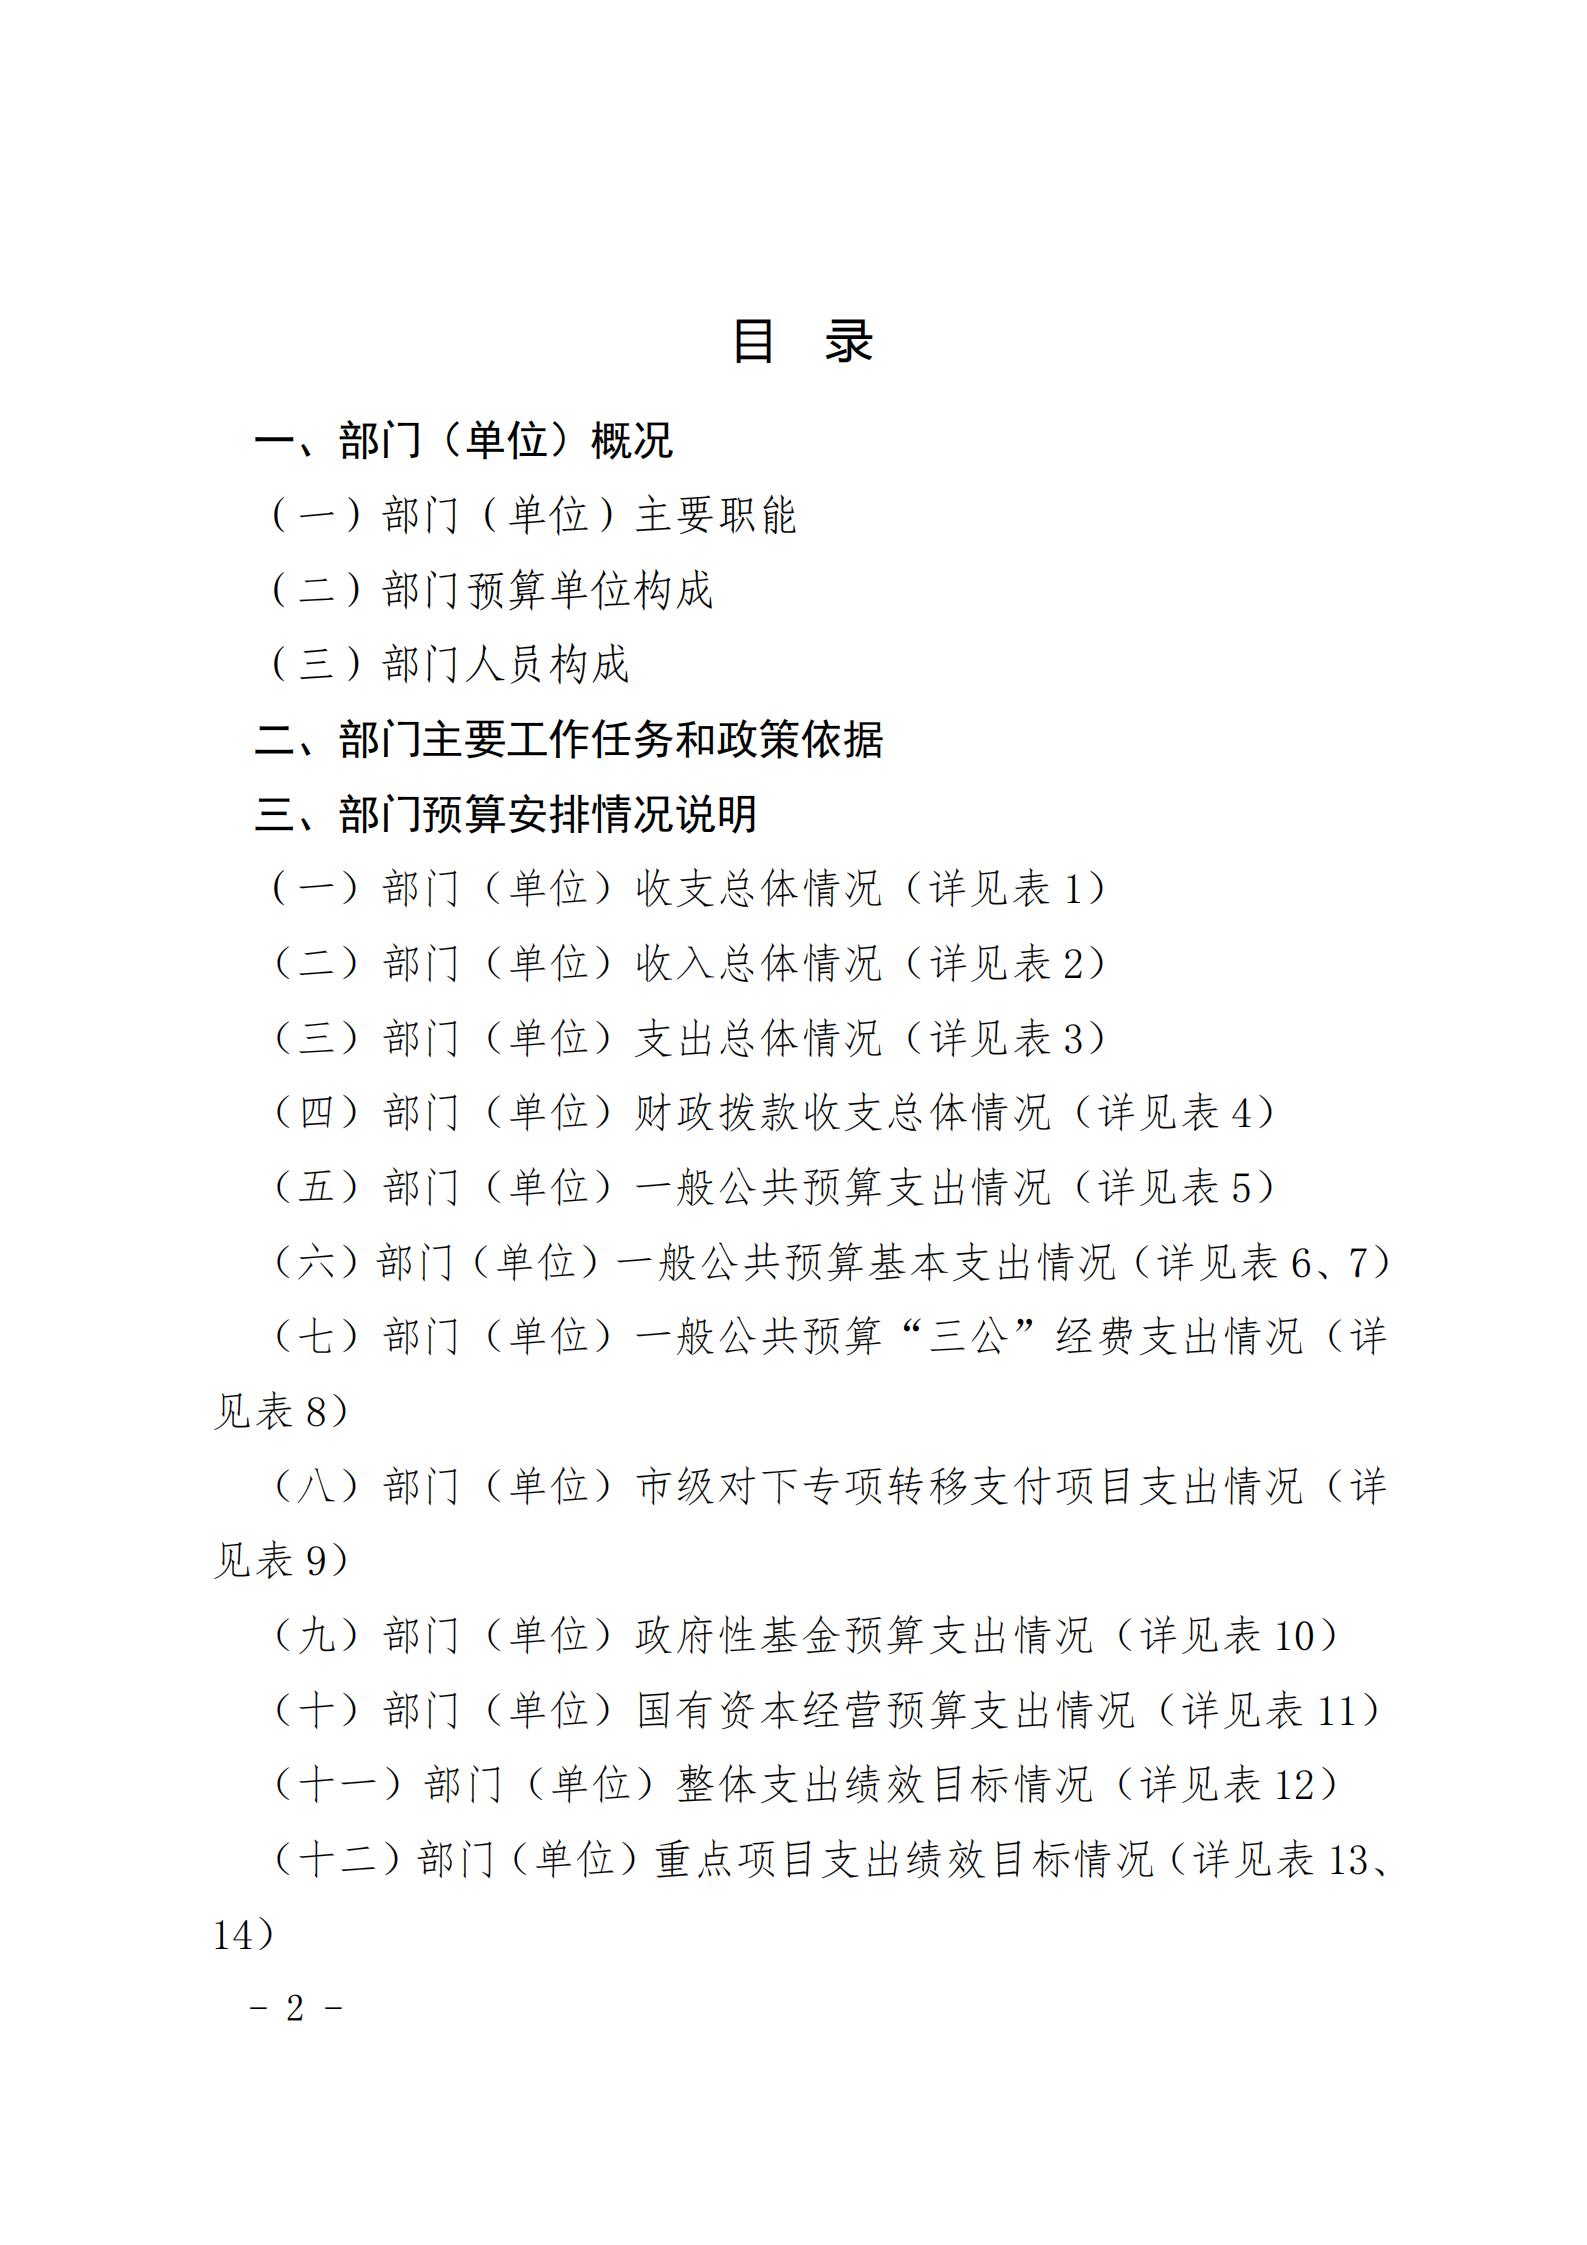 """共青团贵阳市委(本级)2021年度市级部门预算、""""三公""""经费预算公开说明(1)_01.png"""